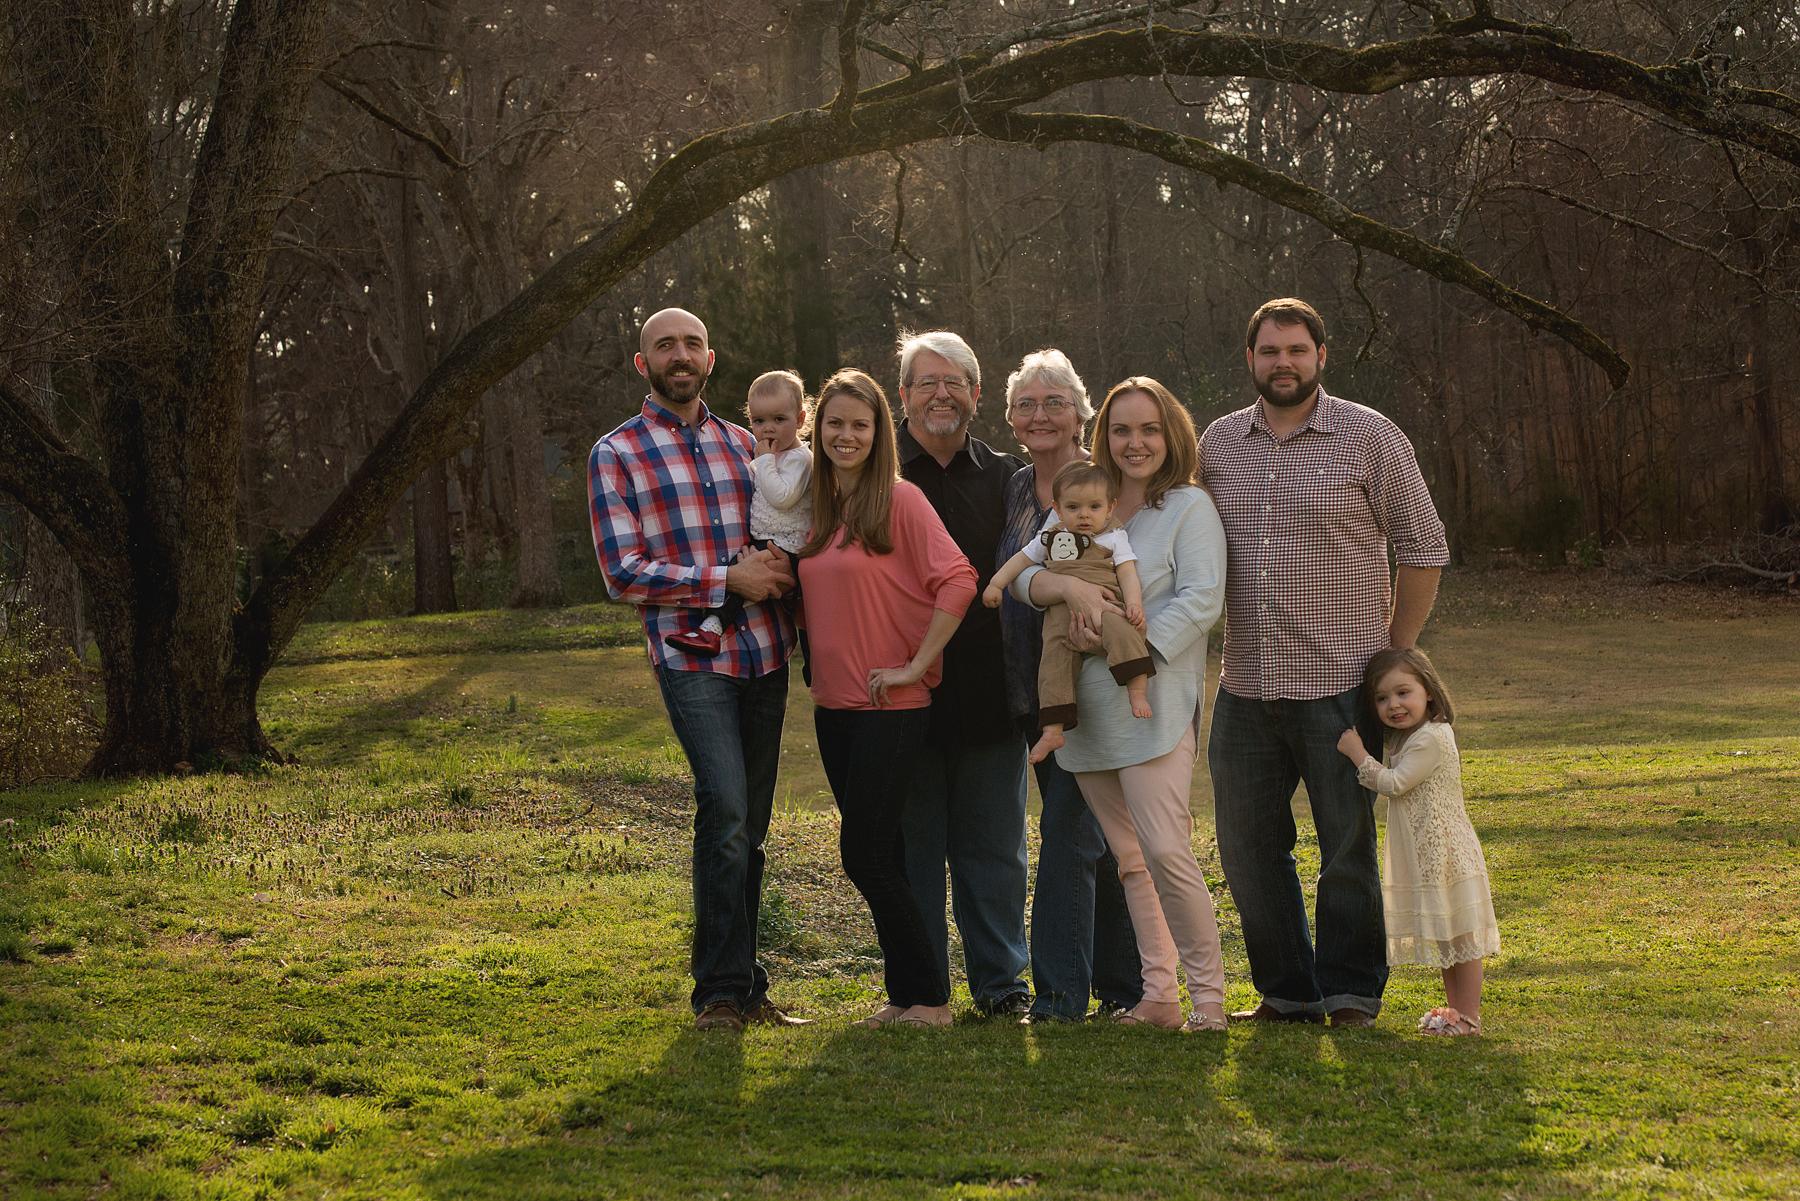 family_photographer.jpg